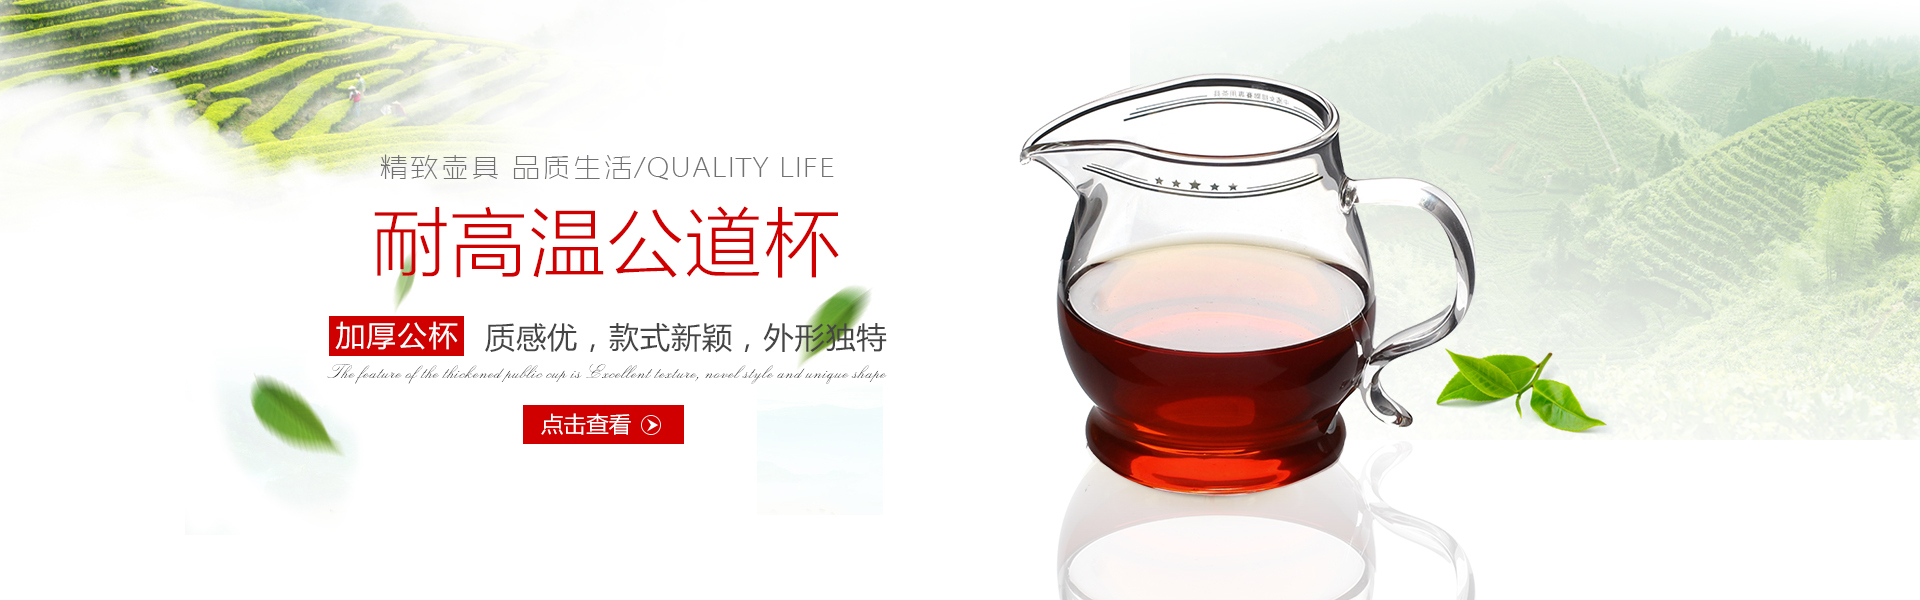 河北玻璃茶具